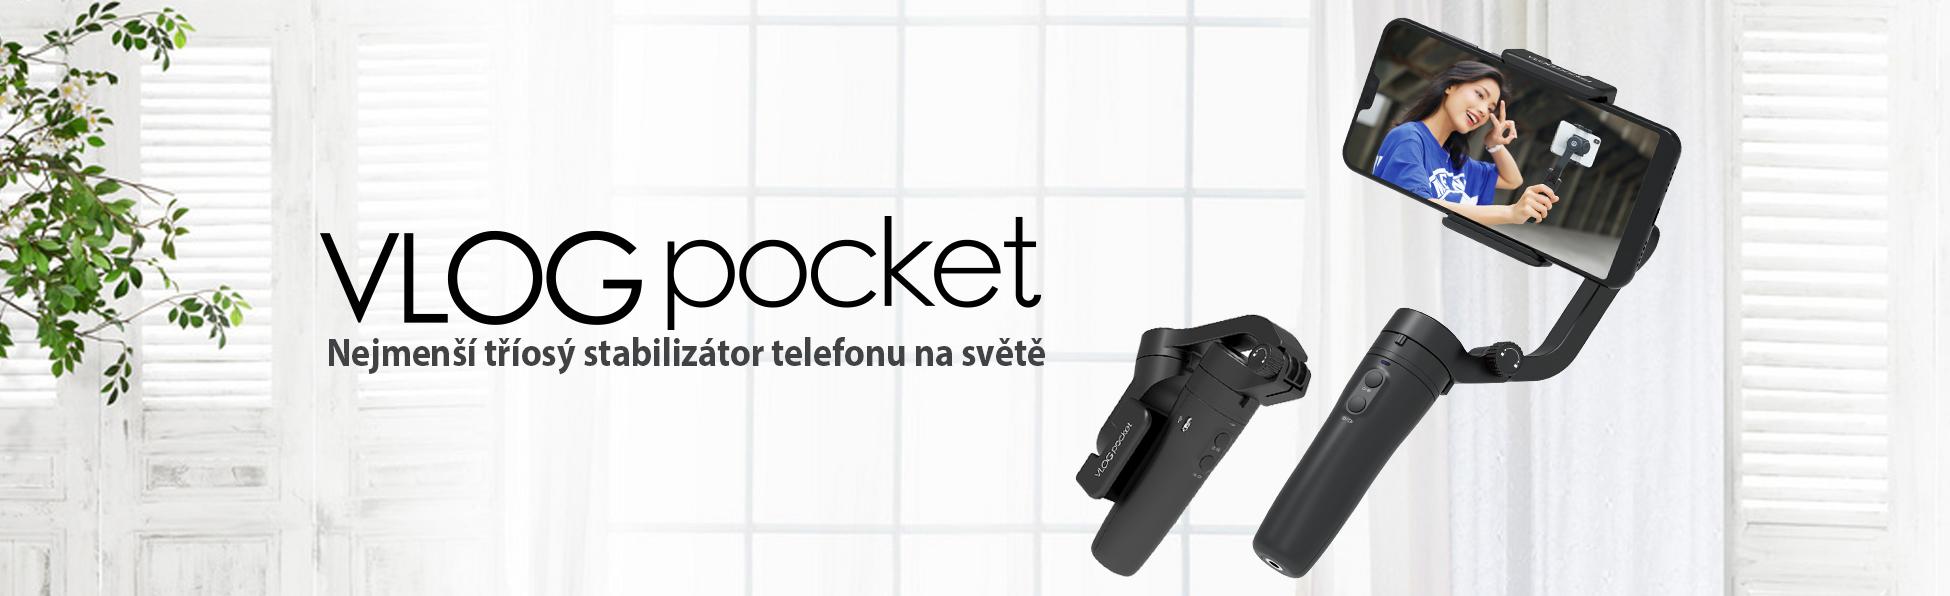 Feiyu VLOG Pocket - nejmenší 3 osý stabilizátor mobilu na světě